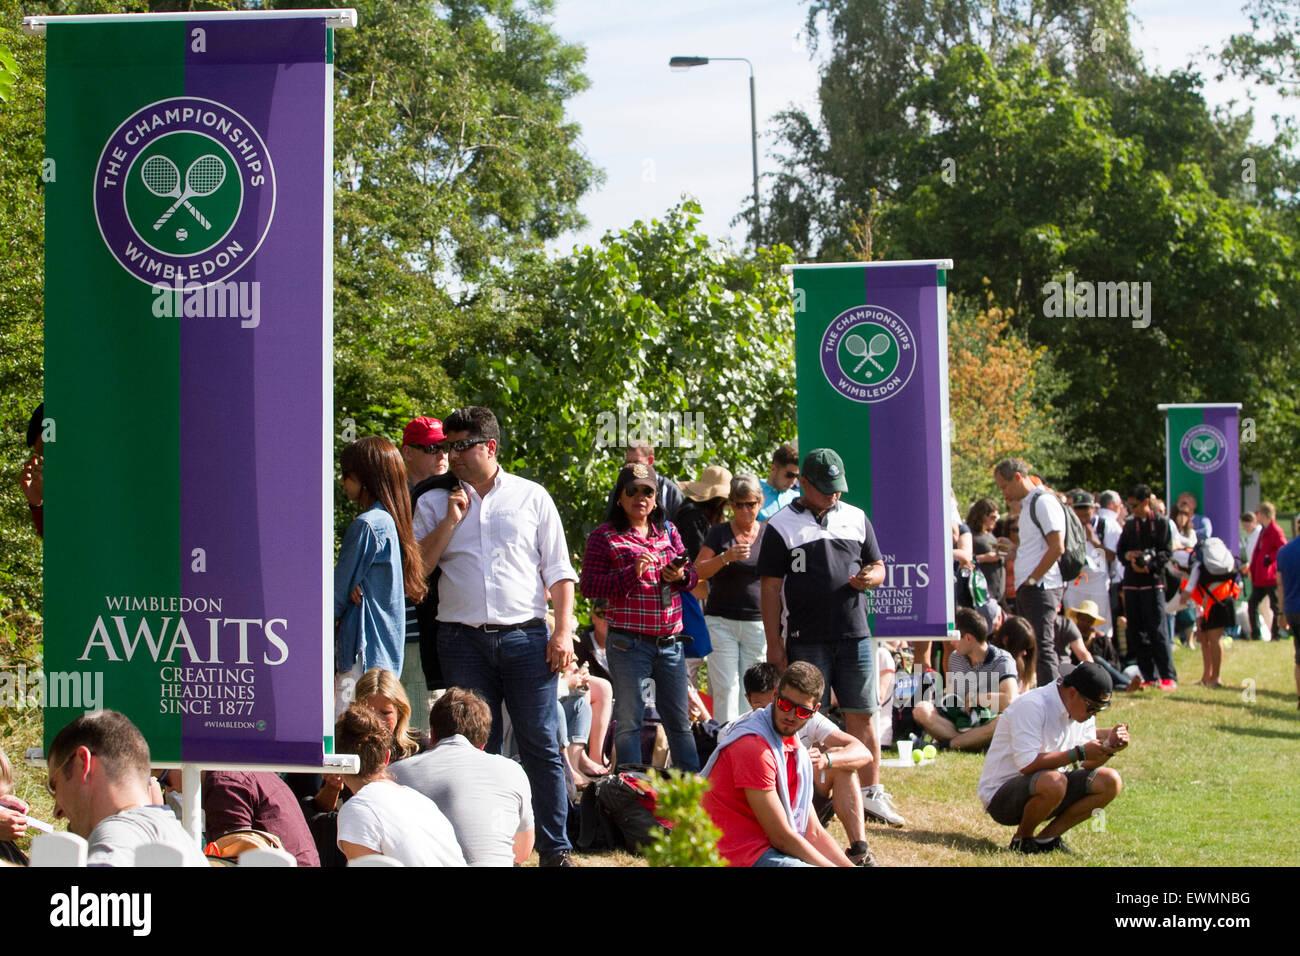 Wimbledon London, UK. 29. Juni 2015. -Fans versammelt am ersten Tag des Wimbledon Tennis Championships 2015 Temperaturen Stockbild